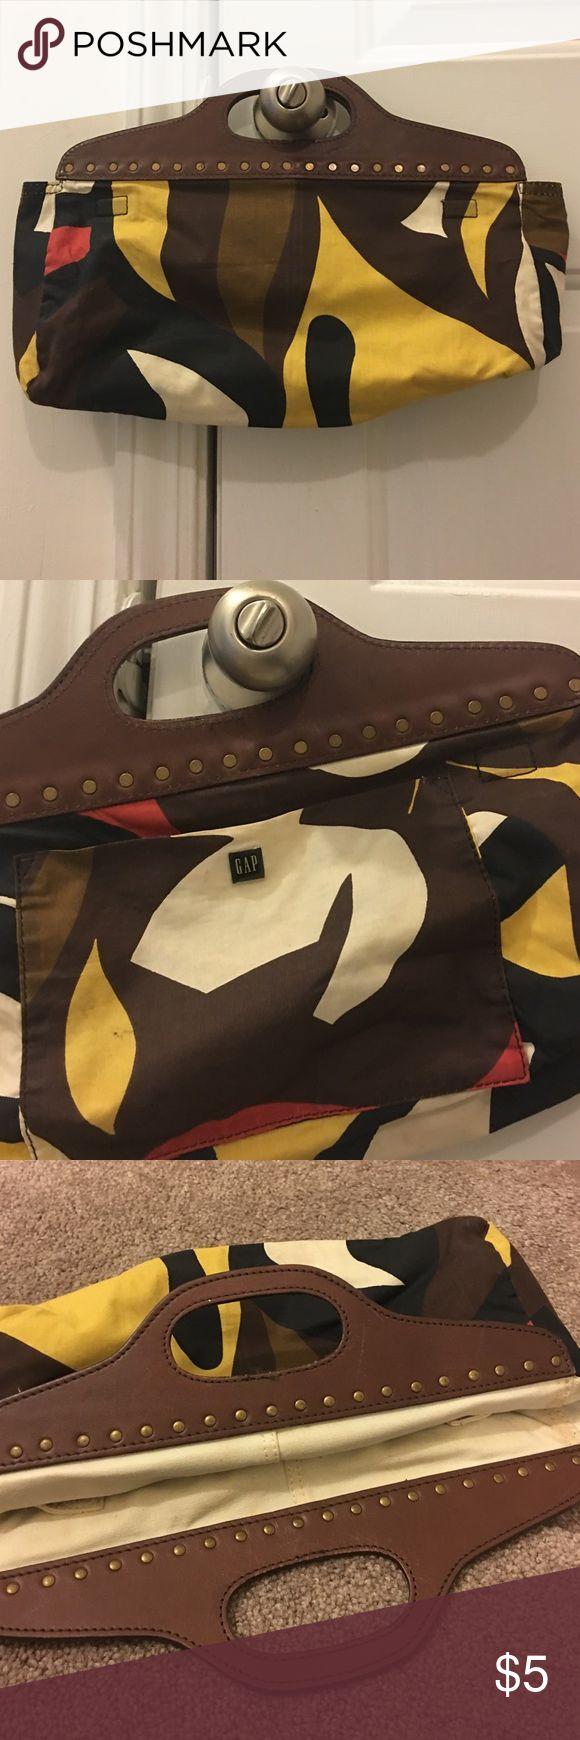 Cute Gap Purse Cute Multi-Colored Gap Purse GAP Bags Clutches & Wristlets